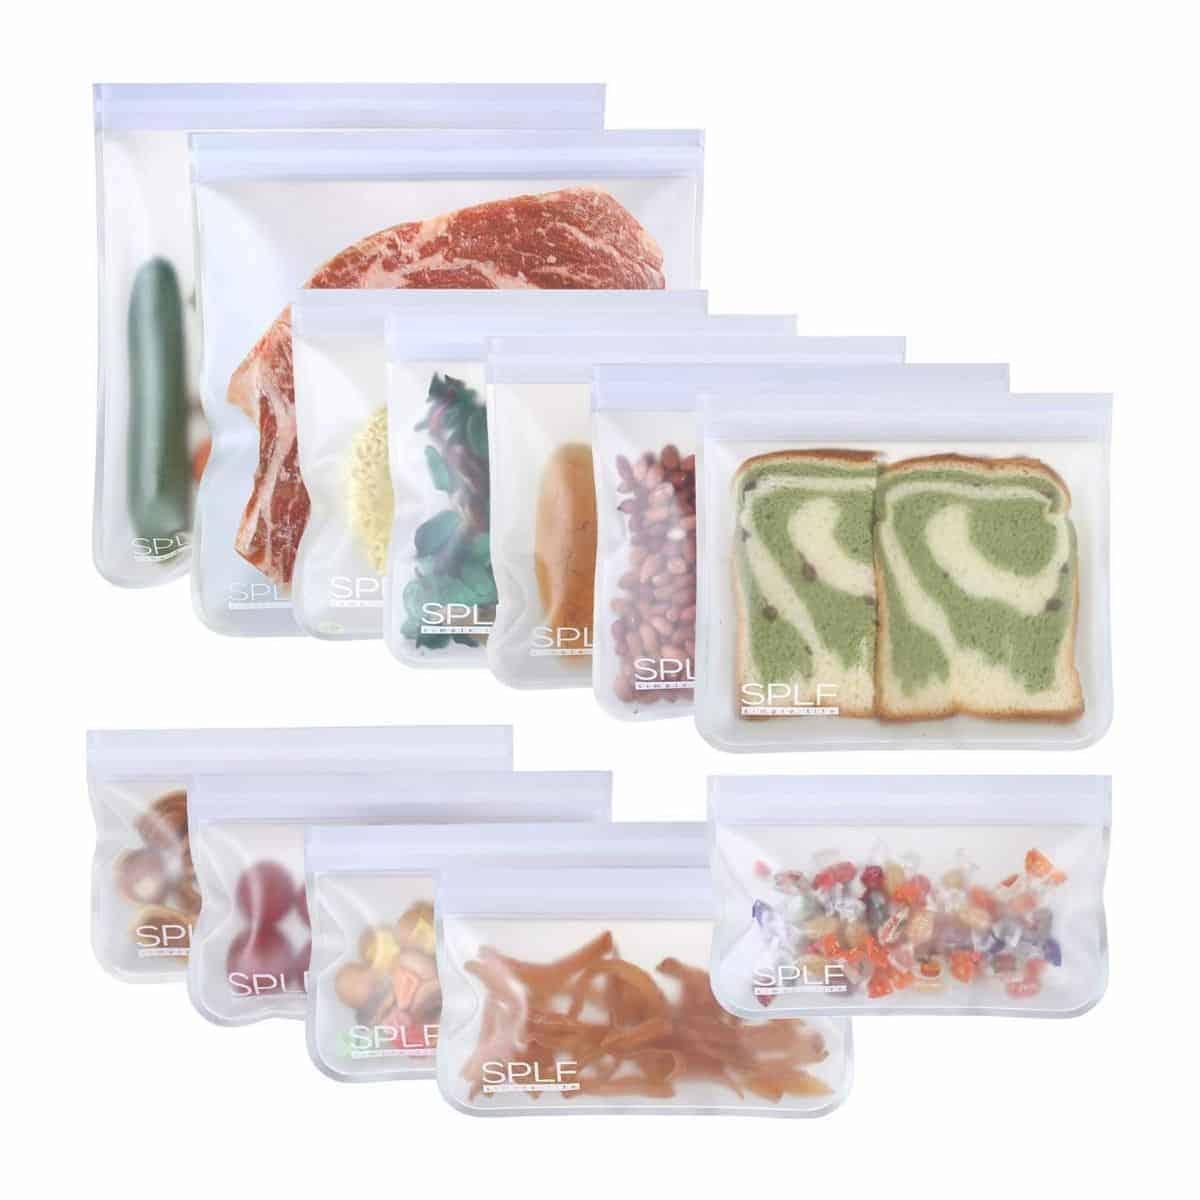 Twelve reusable food storage bags.